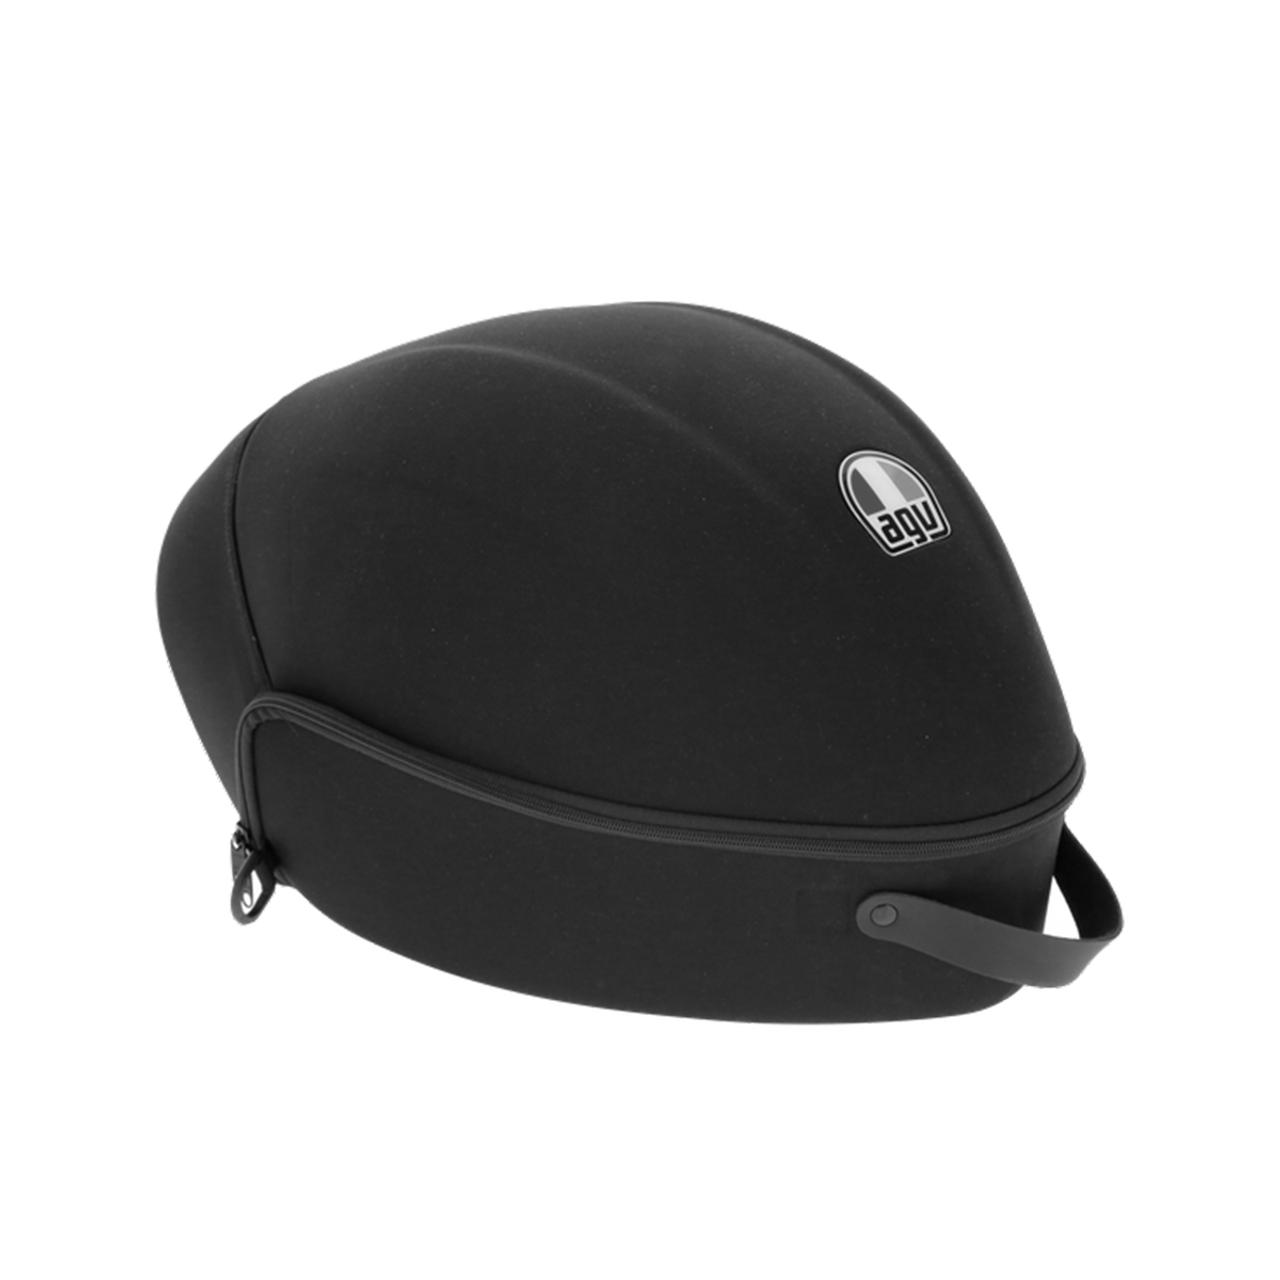 Helmet Bags